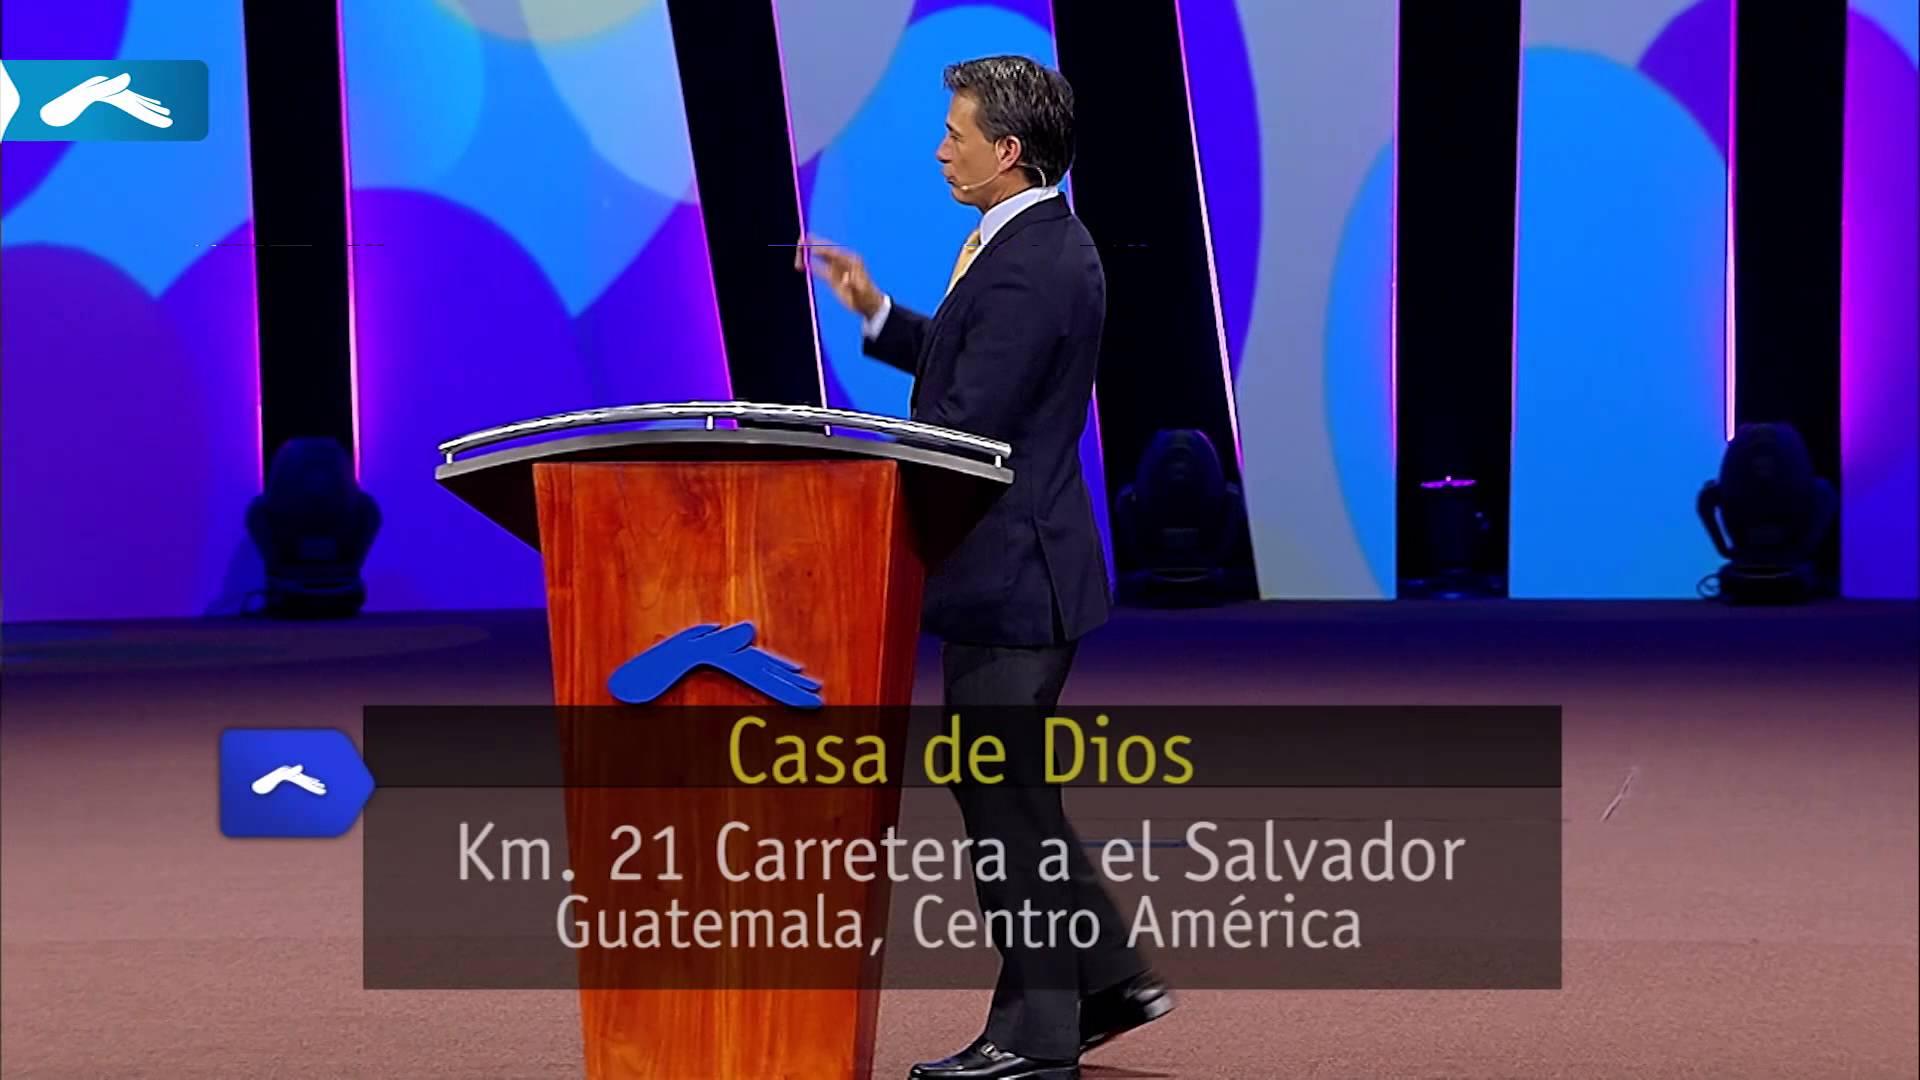 Pastor Cash Luna - Accediendo a las bendiciones de Dios